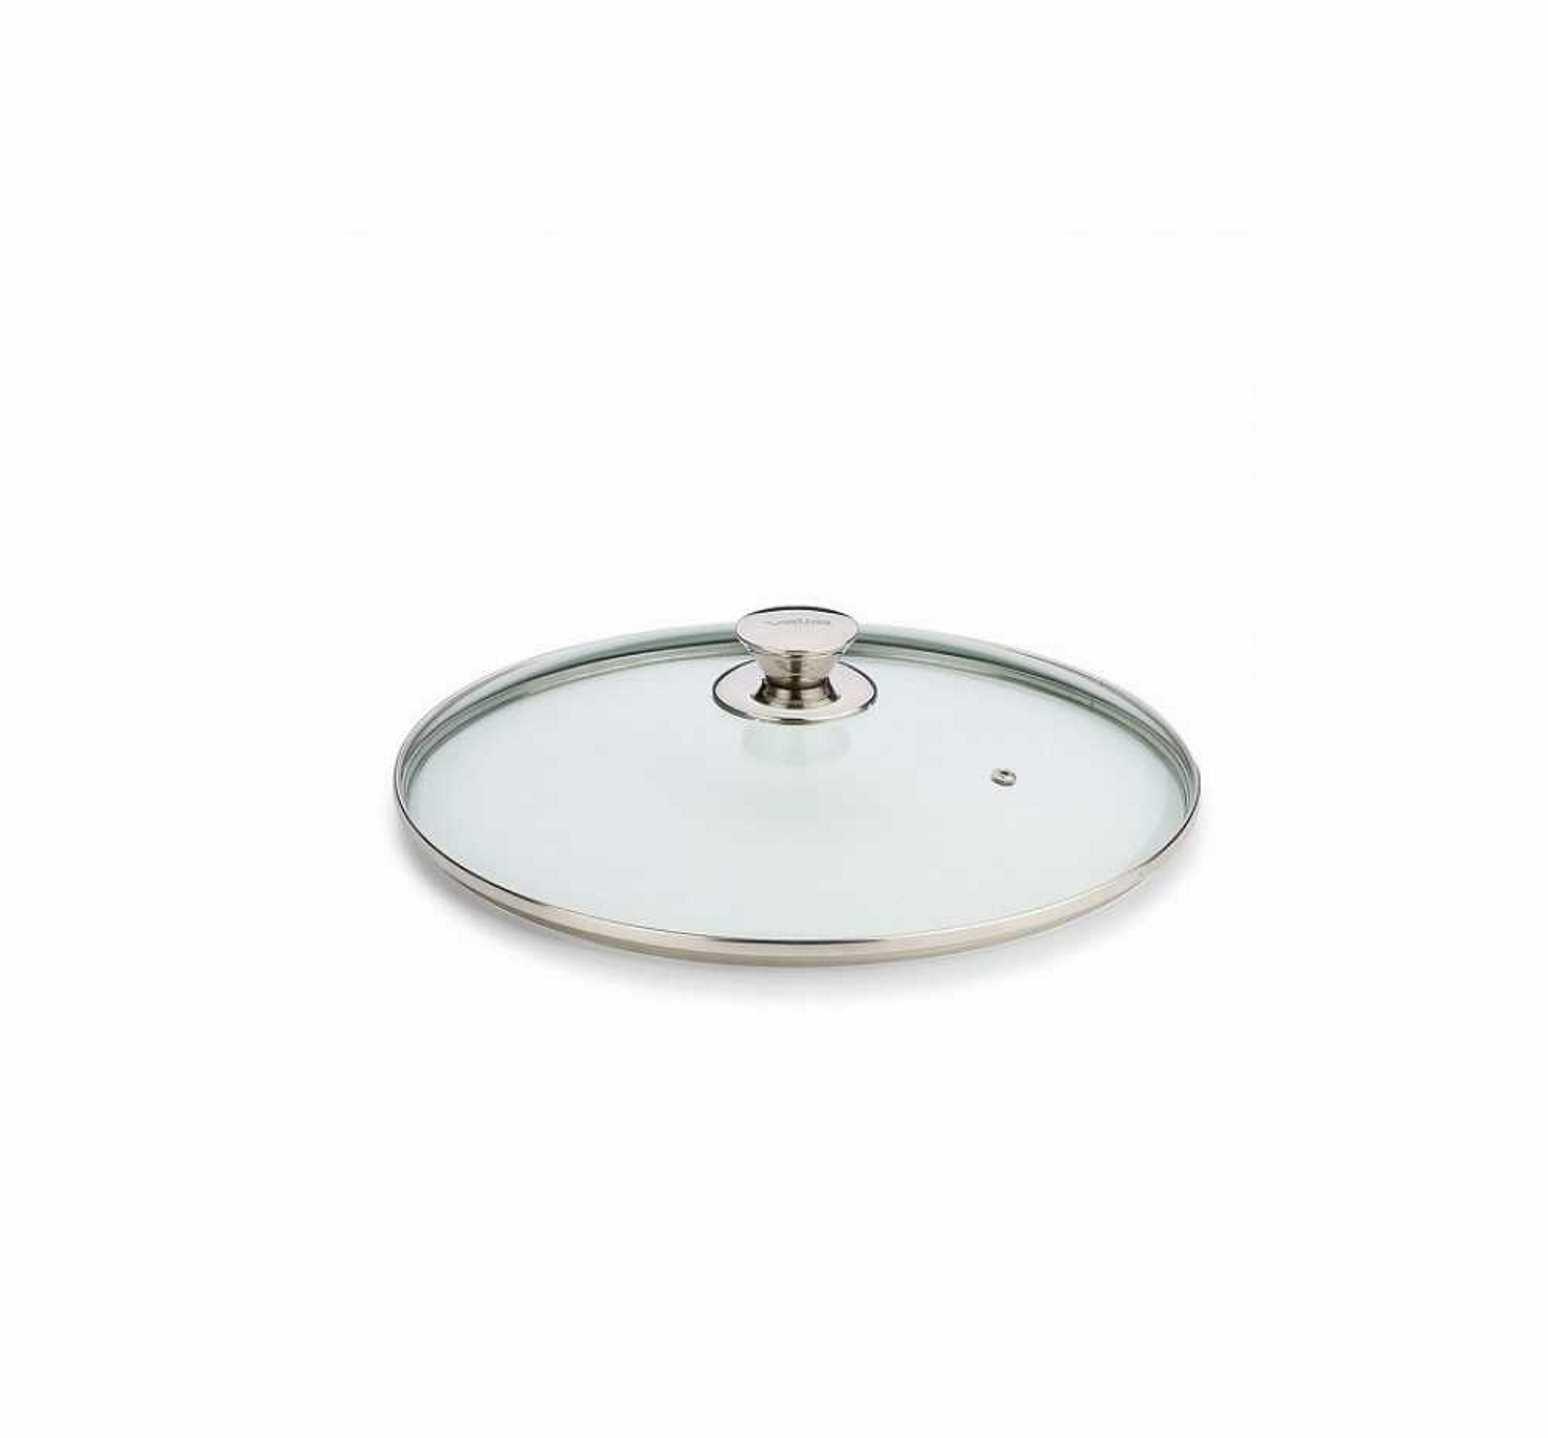 Онлайн каталог PROMENU: Крышка стеклянная Valira AIRE, диаметр 24 см, прозрачный Valira 4902